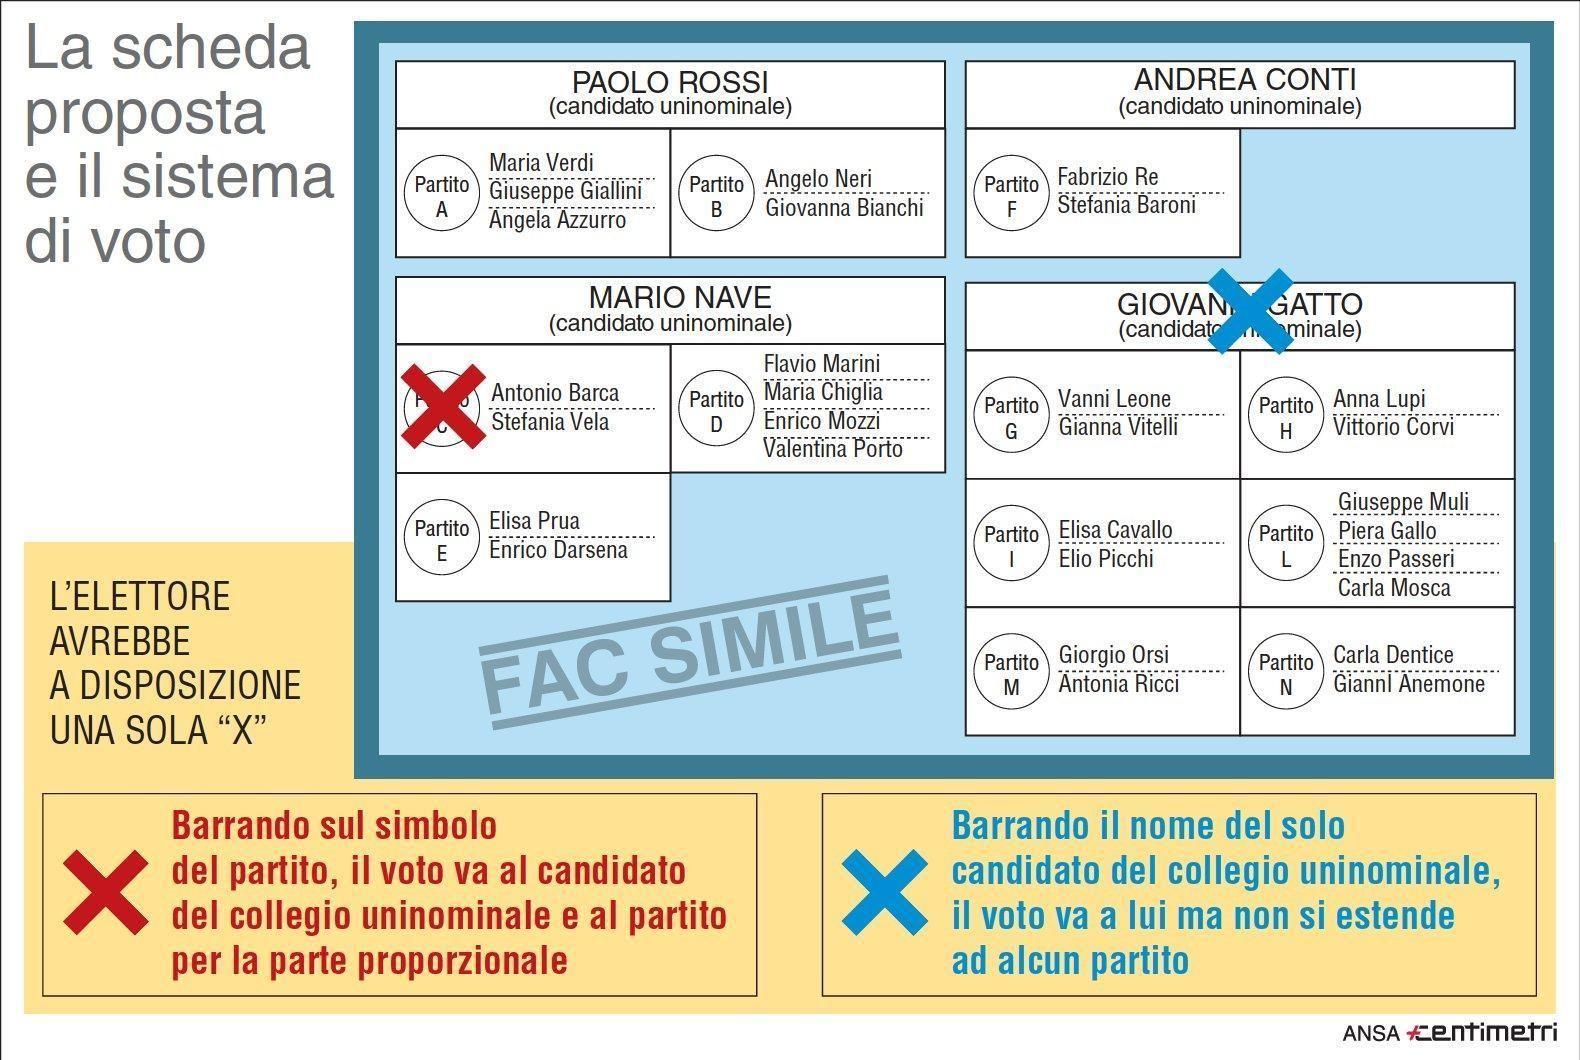 Elezioni 2018 scheda elettorale facsimile